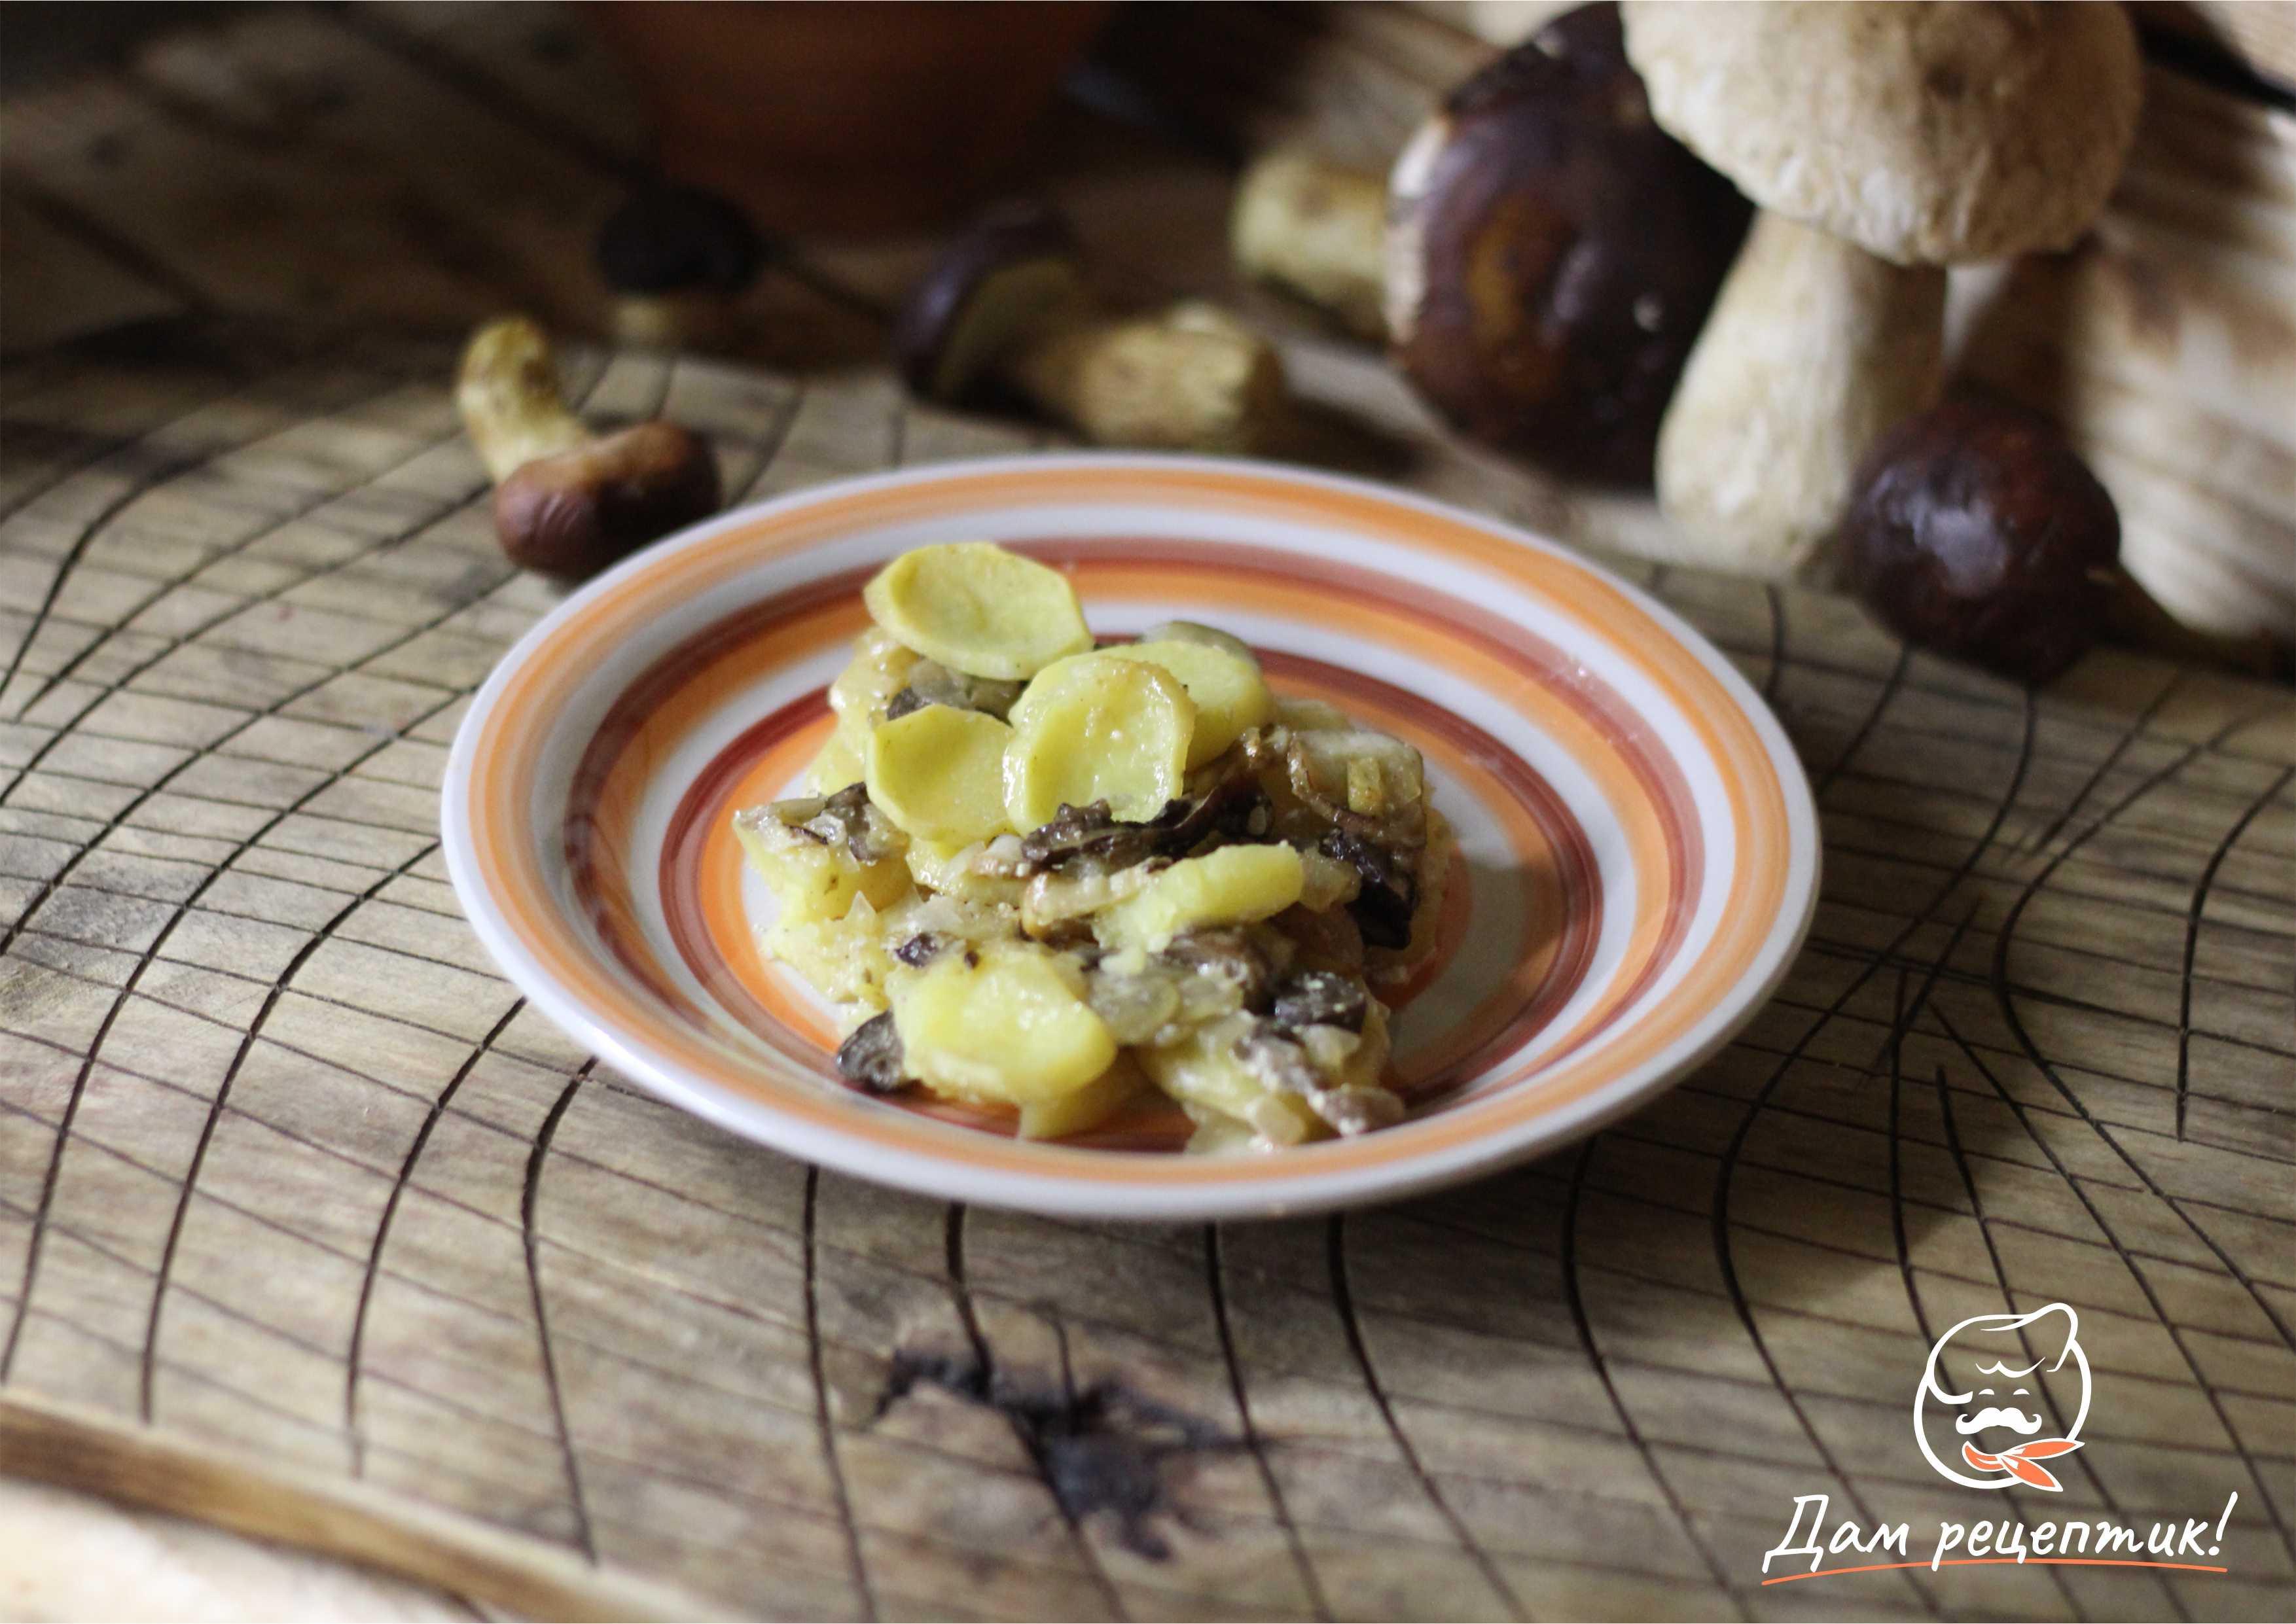 Курица с грибами в мультиварке – идеальное сочетание. лучшие рецепты курицы с грибами в мультиварке: фаршированной, жульен и т.д.